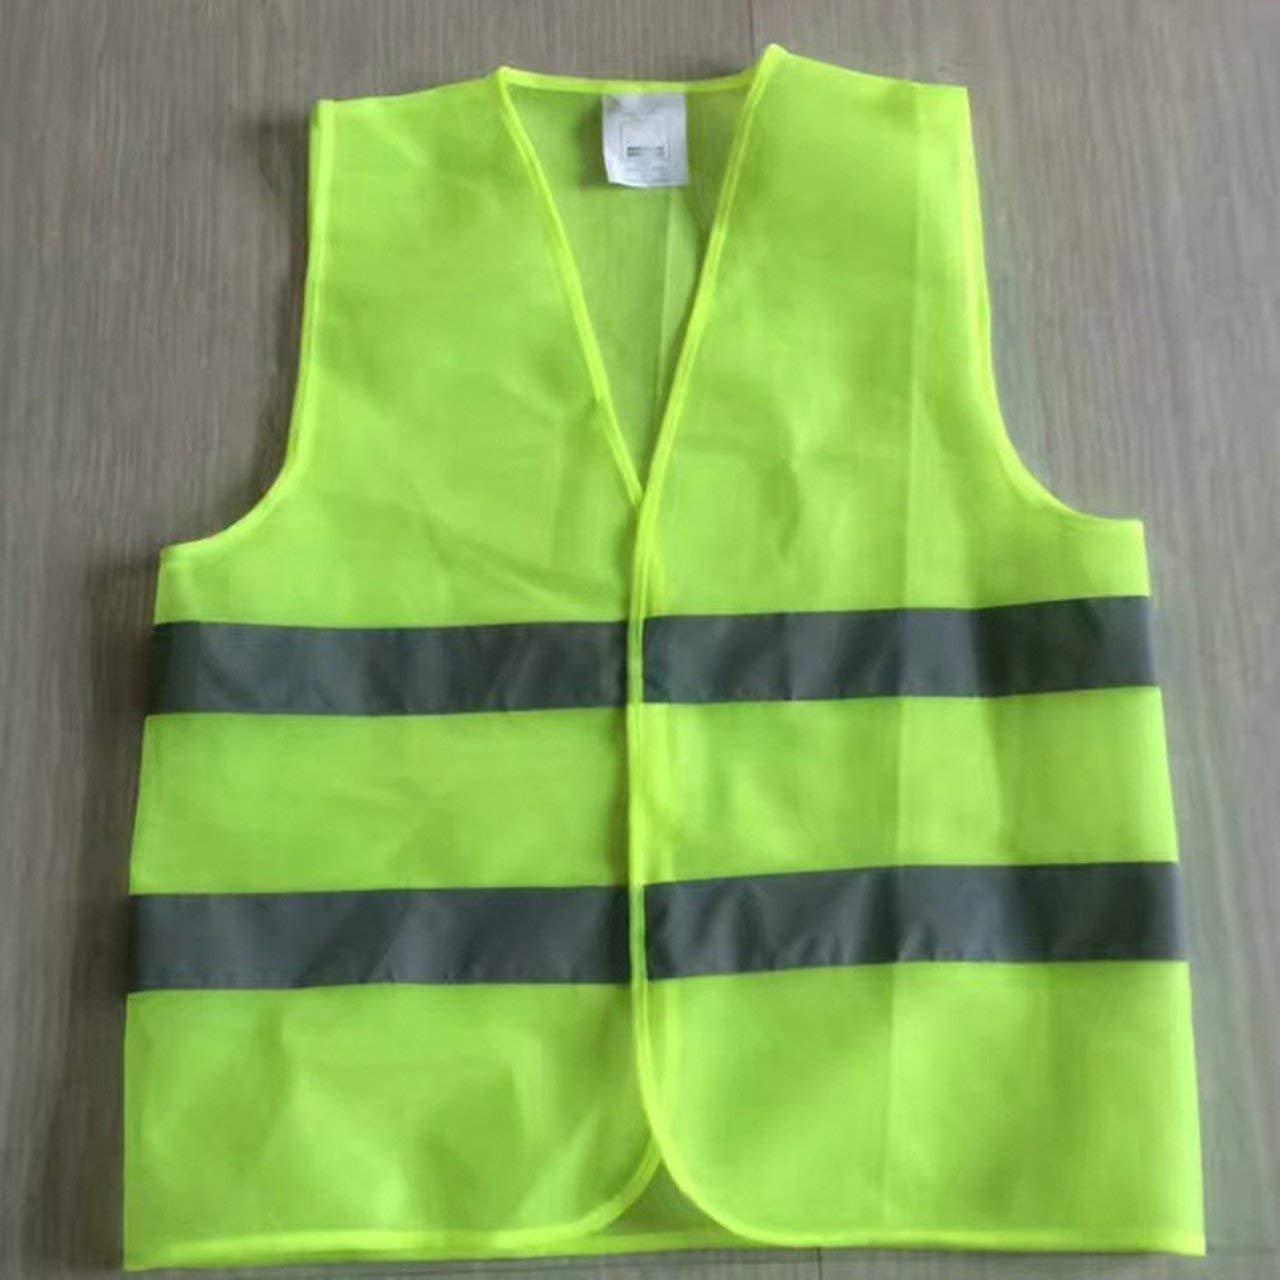 amarillo Chaleco reflectante de advertencia Ropa de trabajo Alta visibilidad D/ía Noche Chaleco protector para correr Ciclismo Seguridad vial ESjasnyfall